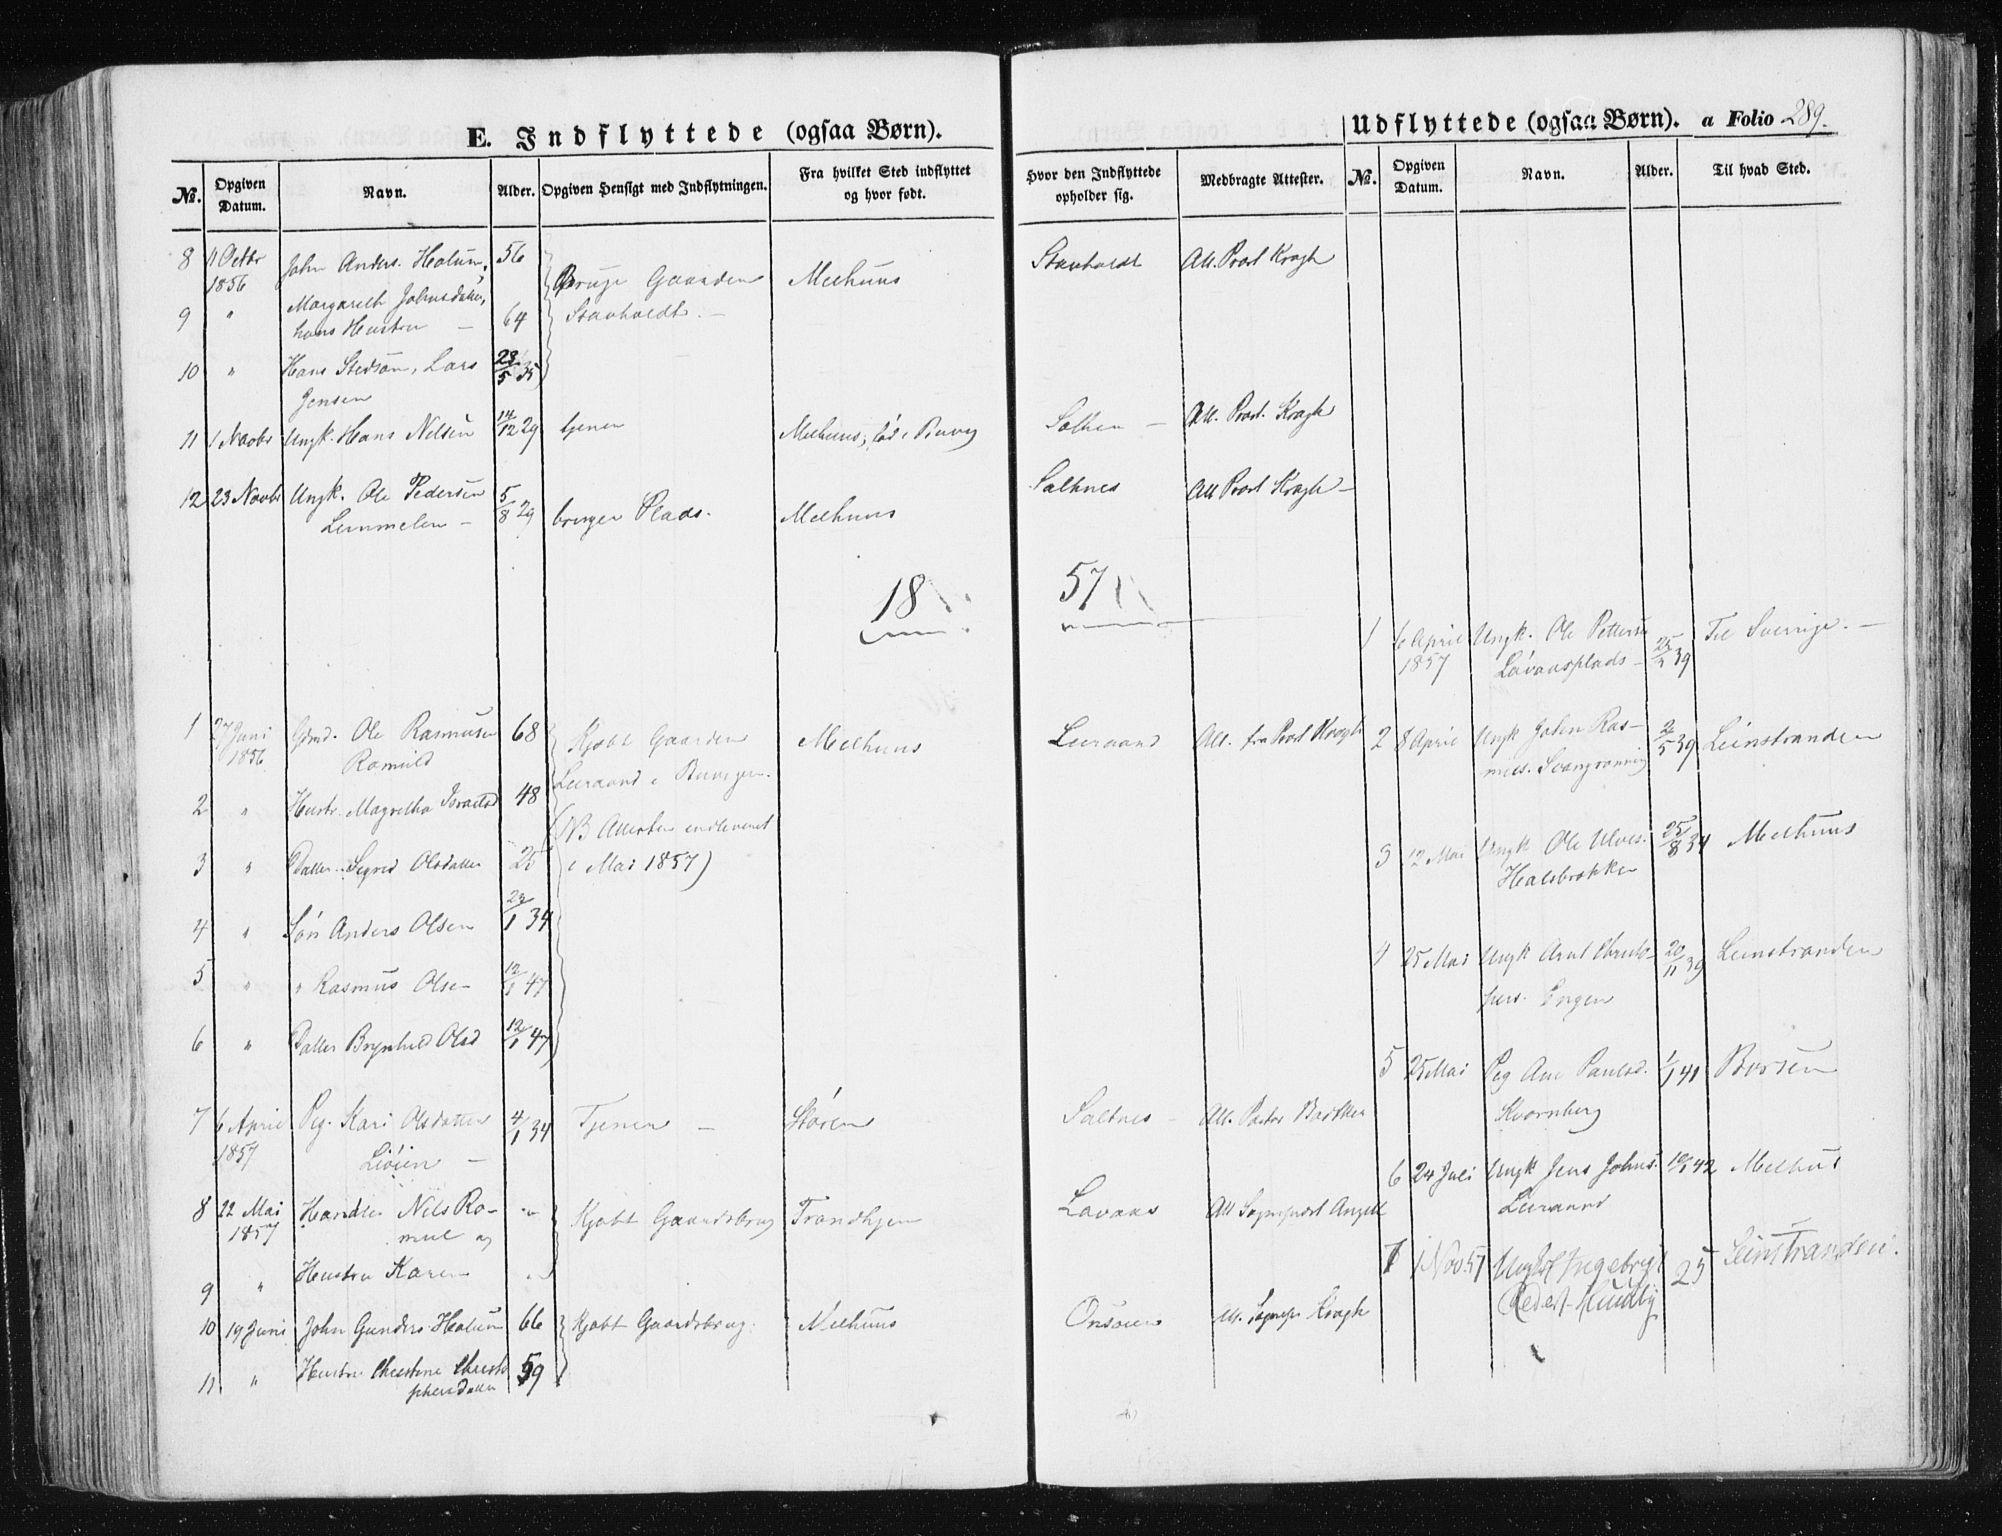 SAT, Ministerialprotokoller, klokkerbøker og fødselsregistre - Sør-Trøndelag, 612/L0376: Ministerialbok nr. 612A08, 1846-1859, s. 289